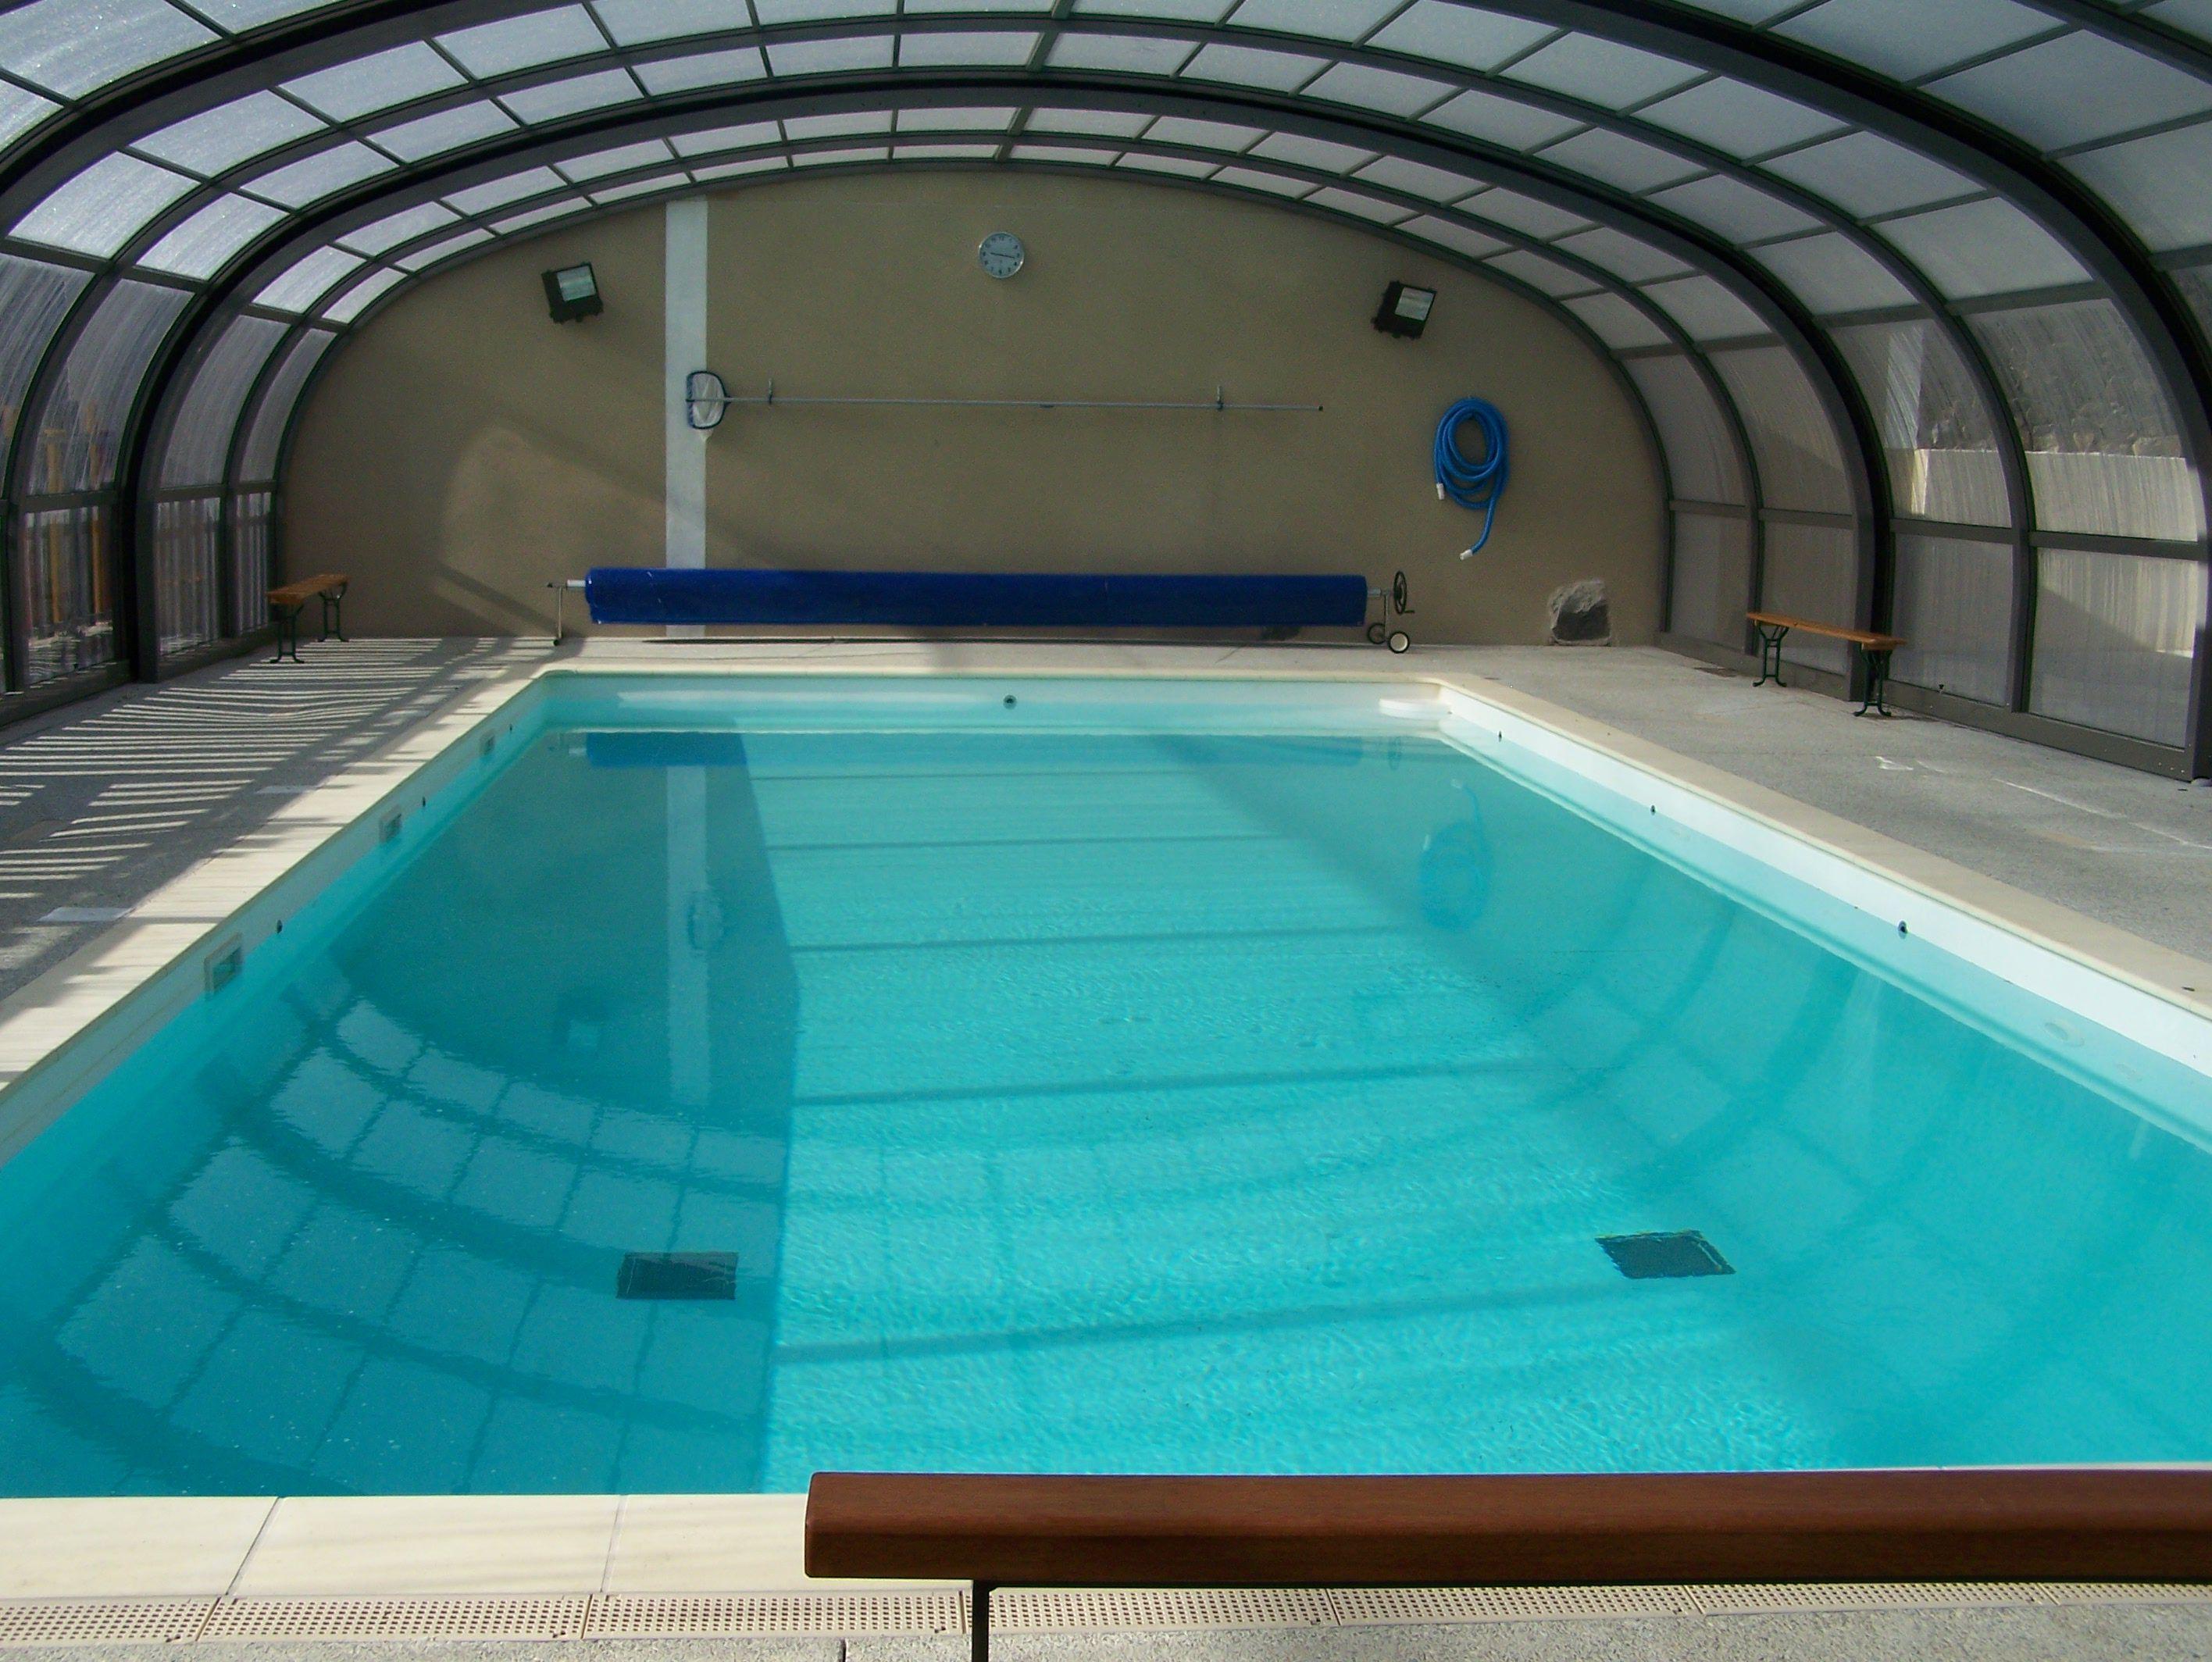 fermeture obligatoire pour les piscines